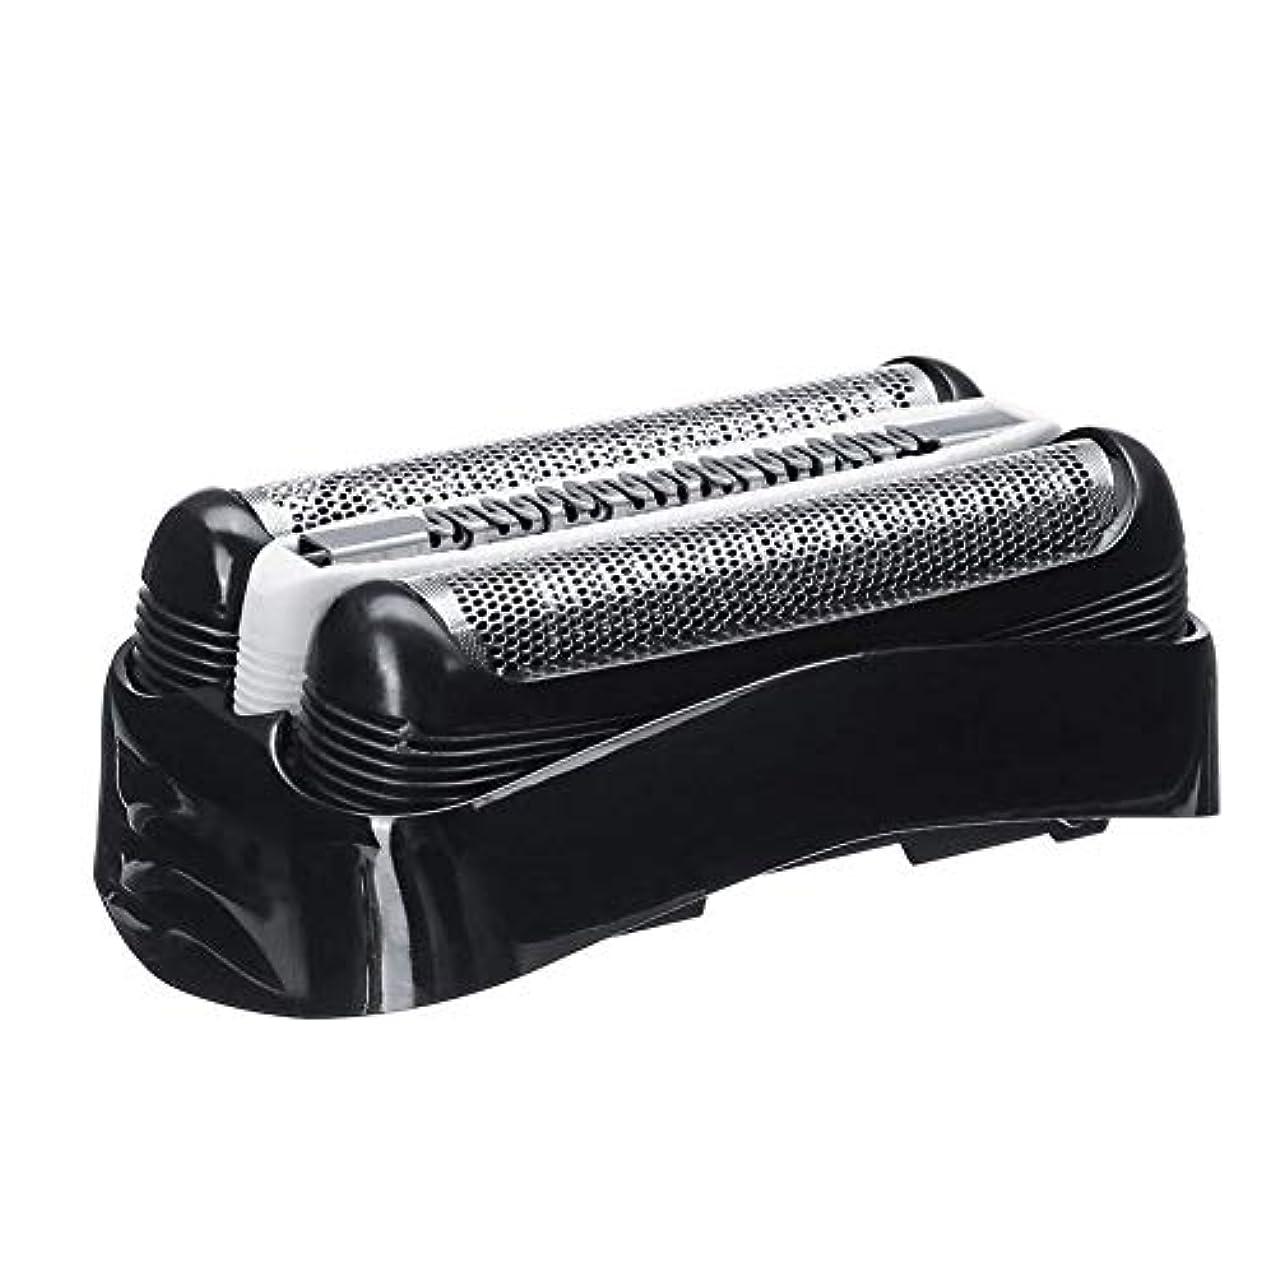 サイレン理想的には言い換えるとシェーバー替刃 Braunシリーズ3用 メンズシェーバー32B用 セット刃 シェーバー交換部品 電気シェーバー交換ヘッドカミソリアクセサリ for Braun Series 3